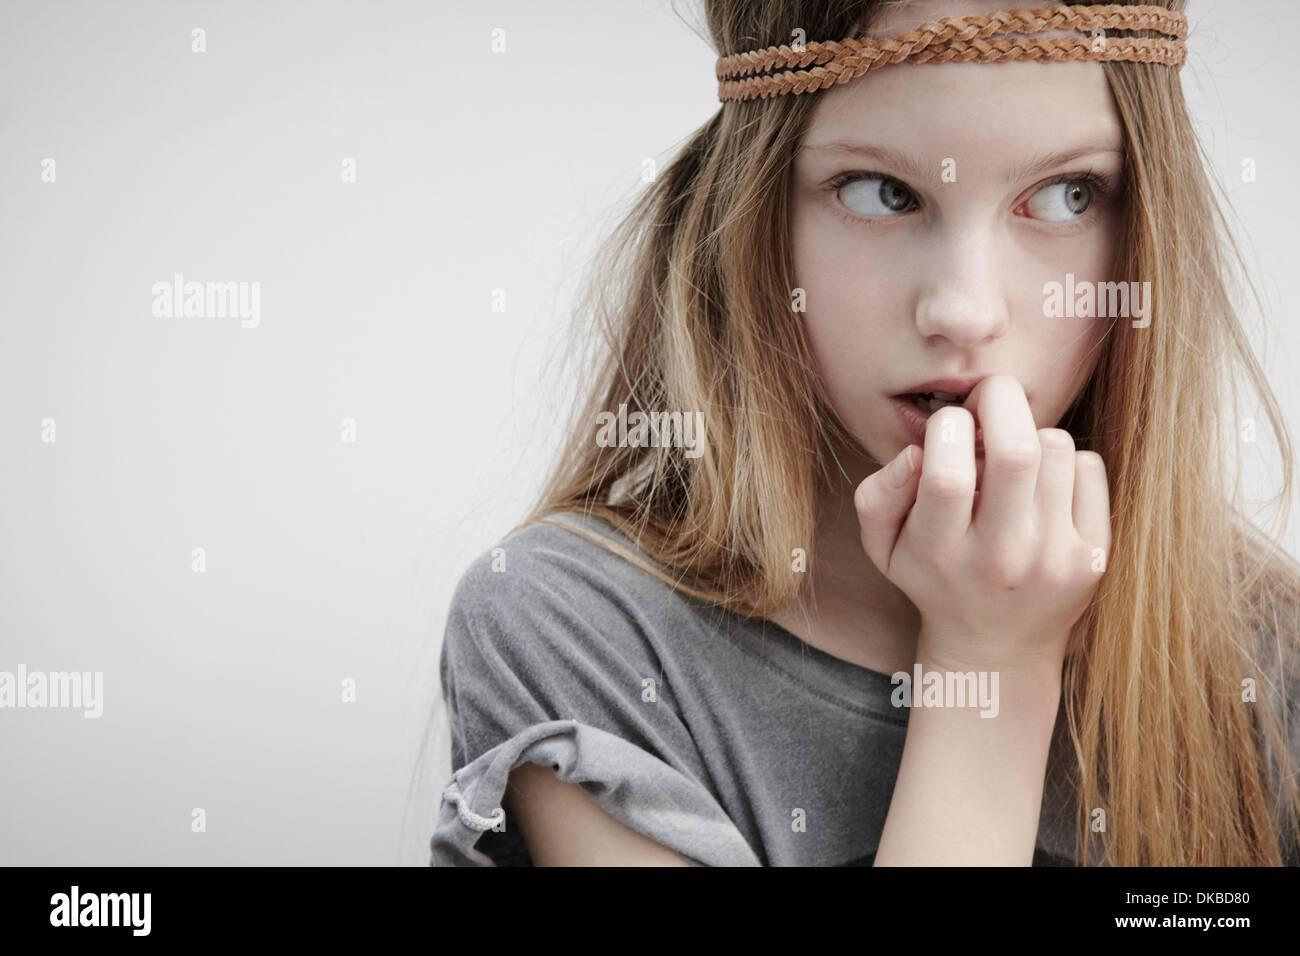 Retrato de vestida de cuero trenzado alrededor de la cabeza, sosteniendo hacia abajo, los dedos en la boca Imagen De Stock